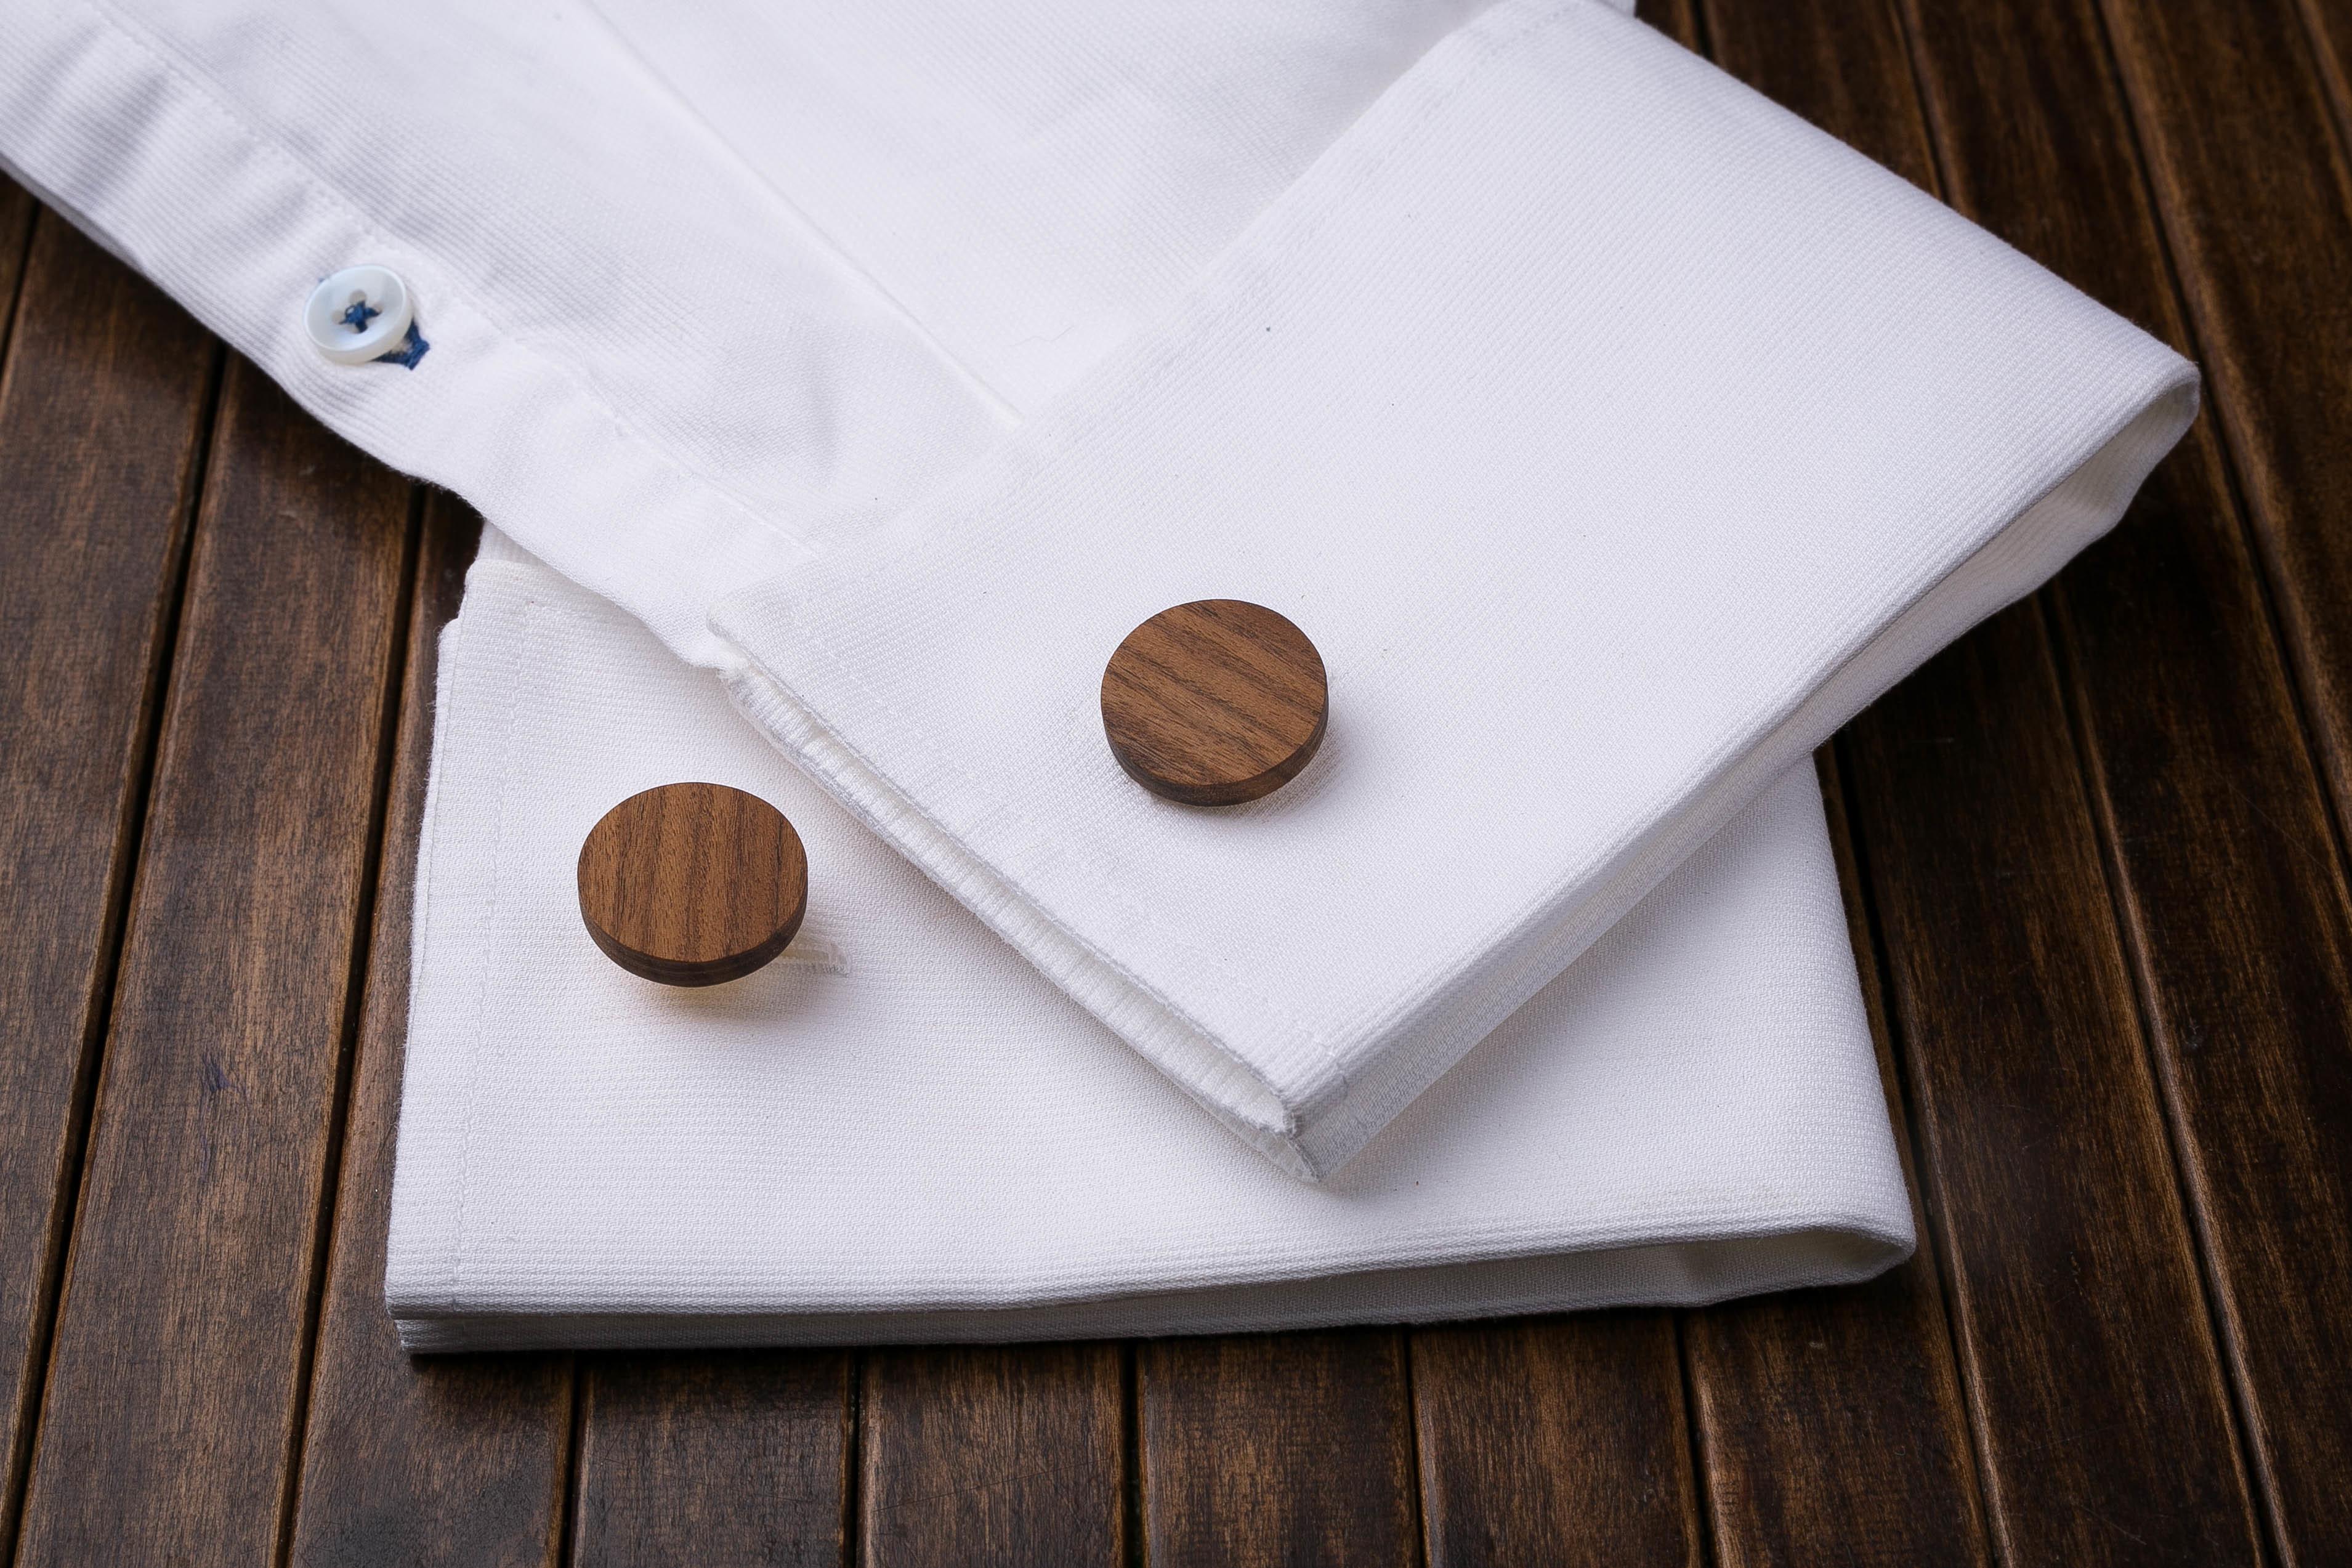 Комплект: Круглые запонки из дерева и Деревянный зажим для галстука. Массив палисандра. Гравировка инициалов. Упаковка в комплекте